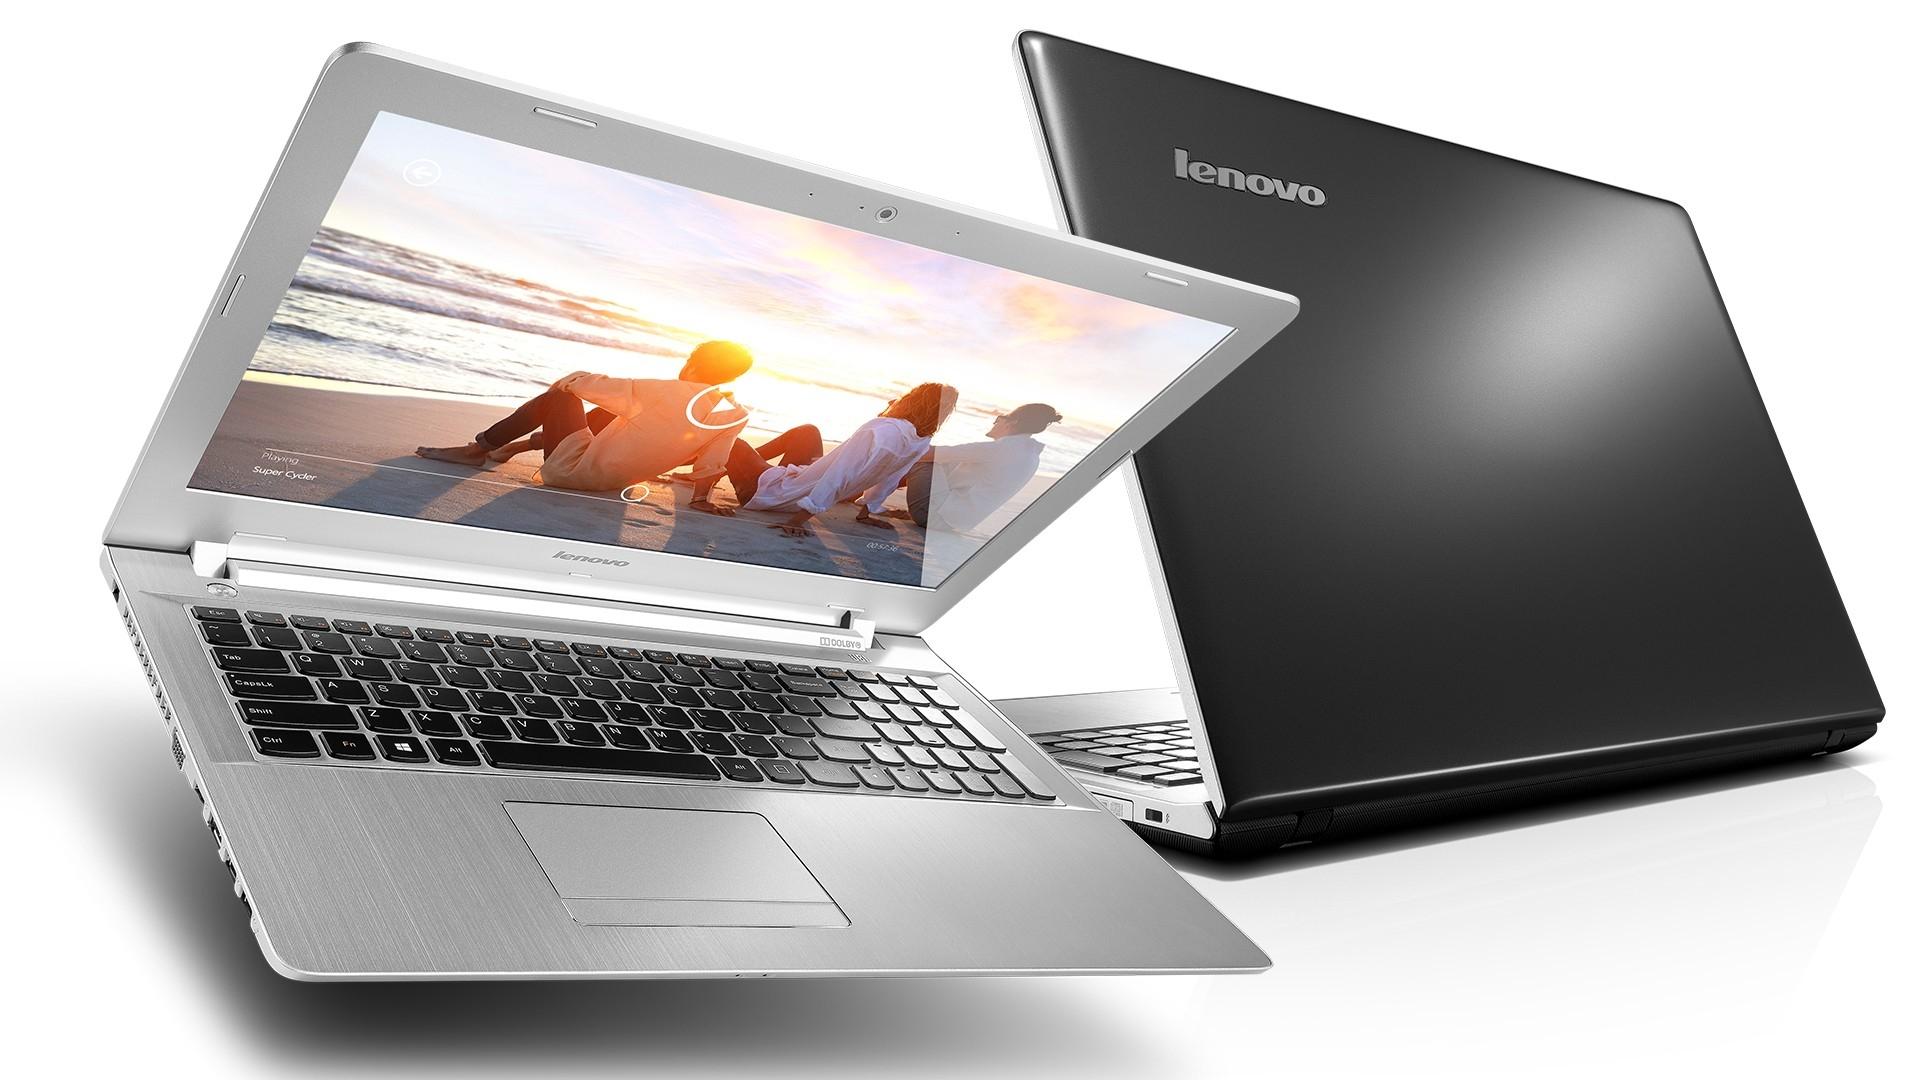 راهنمای خرید بهترین لپ تاپهای کارکرده در بازار با قیمت مناسب